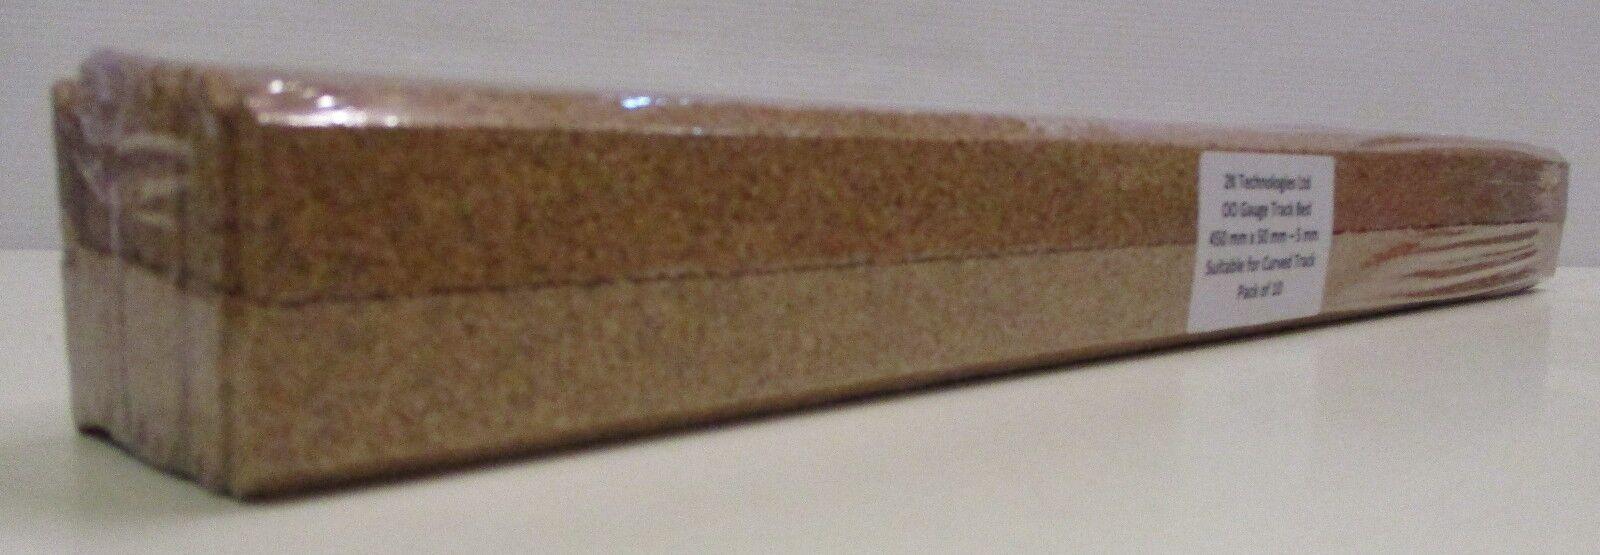 2kTB2 - 6 Confezioni - Smussati Edge Sughero Base Della Pista Sottoposto 10 x